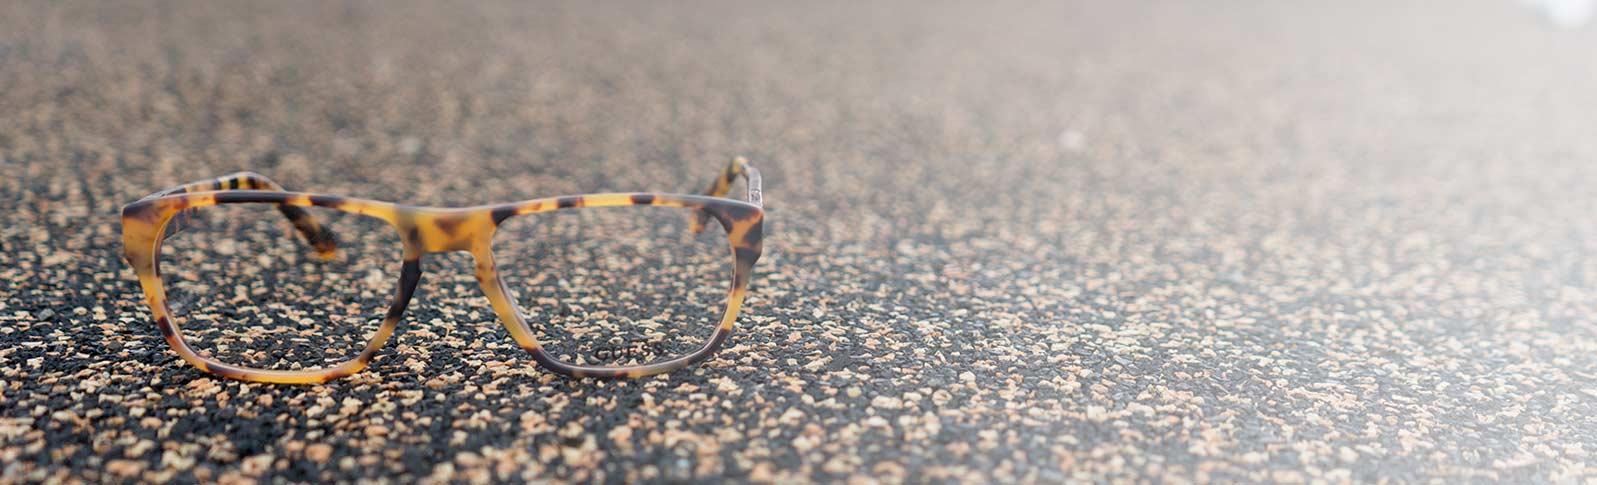 guessbriller som ligger på asfalt